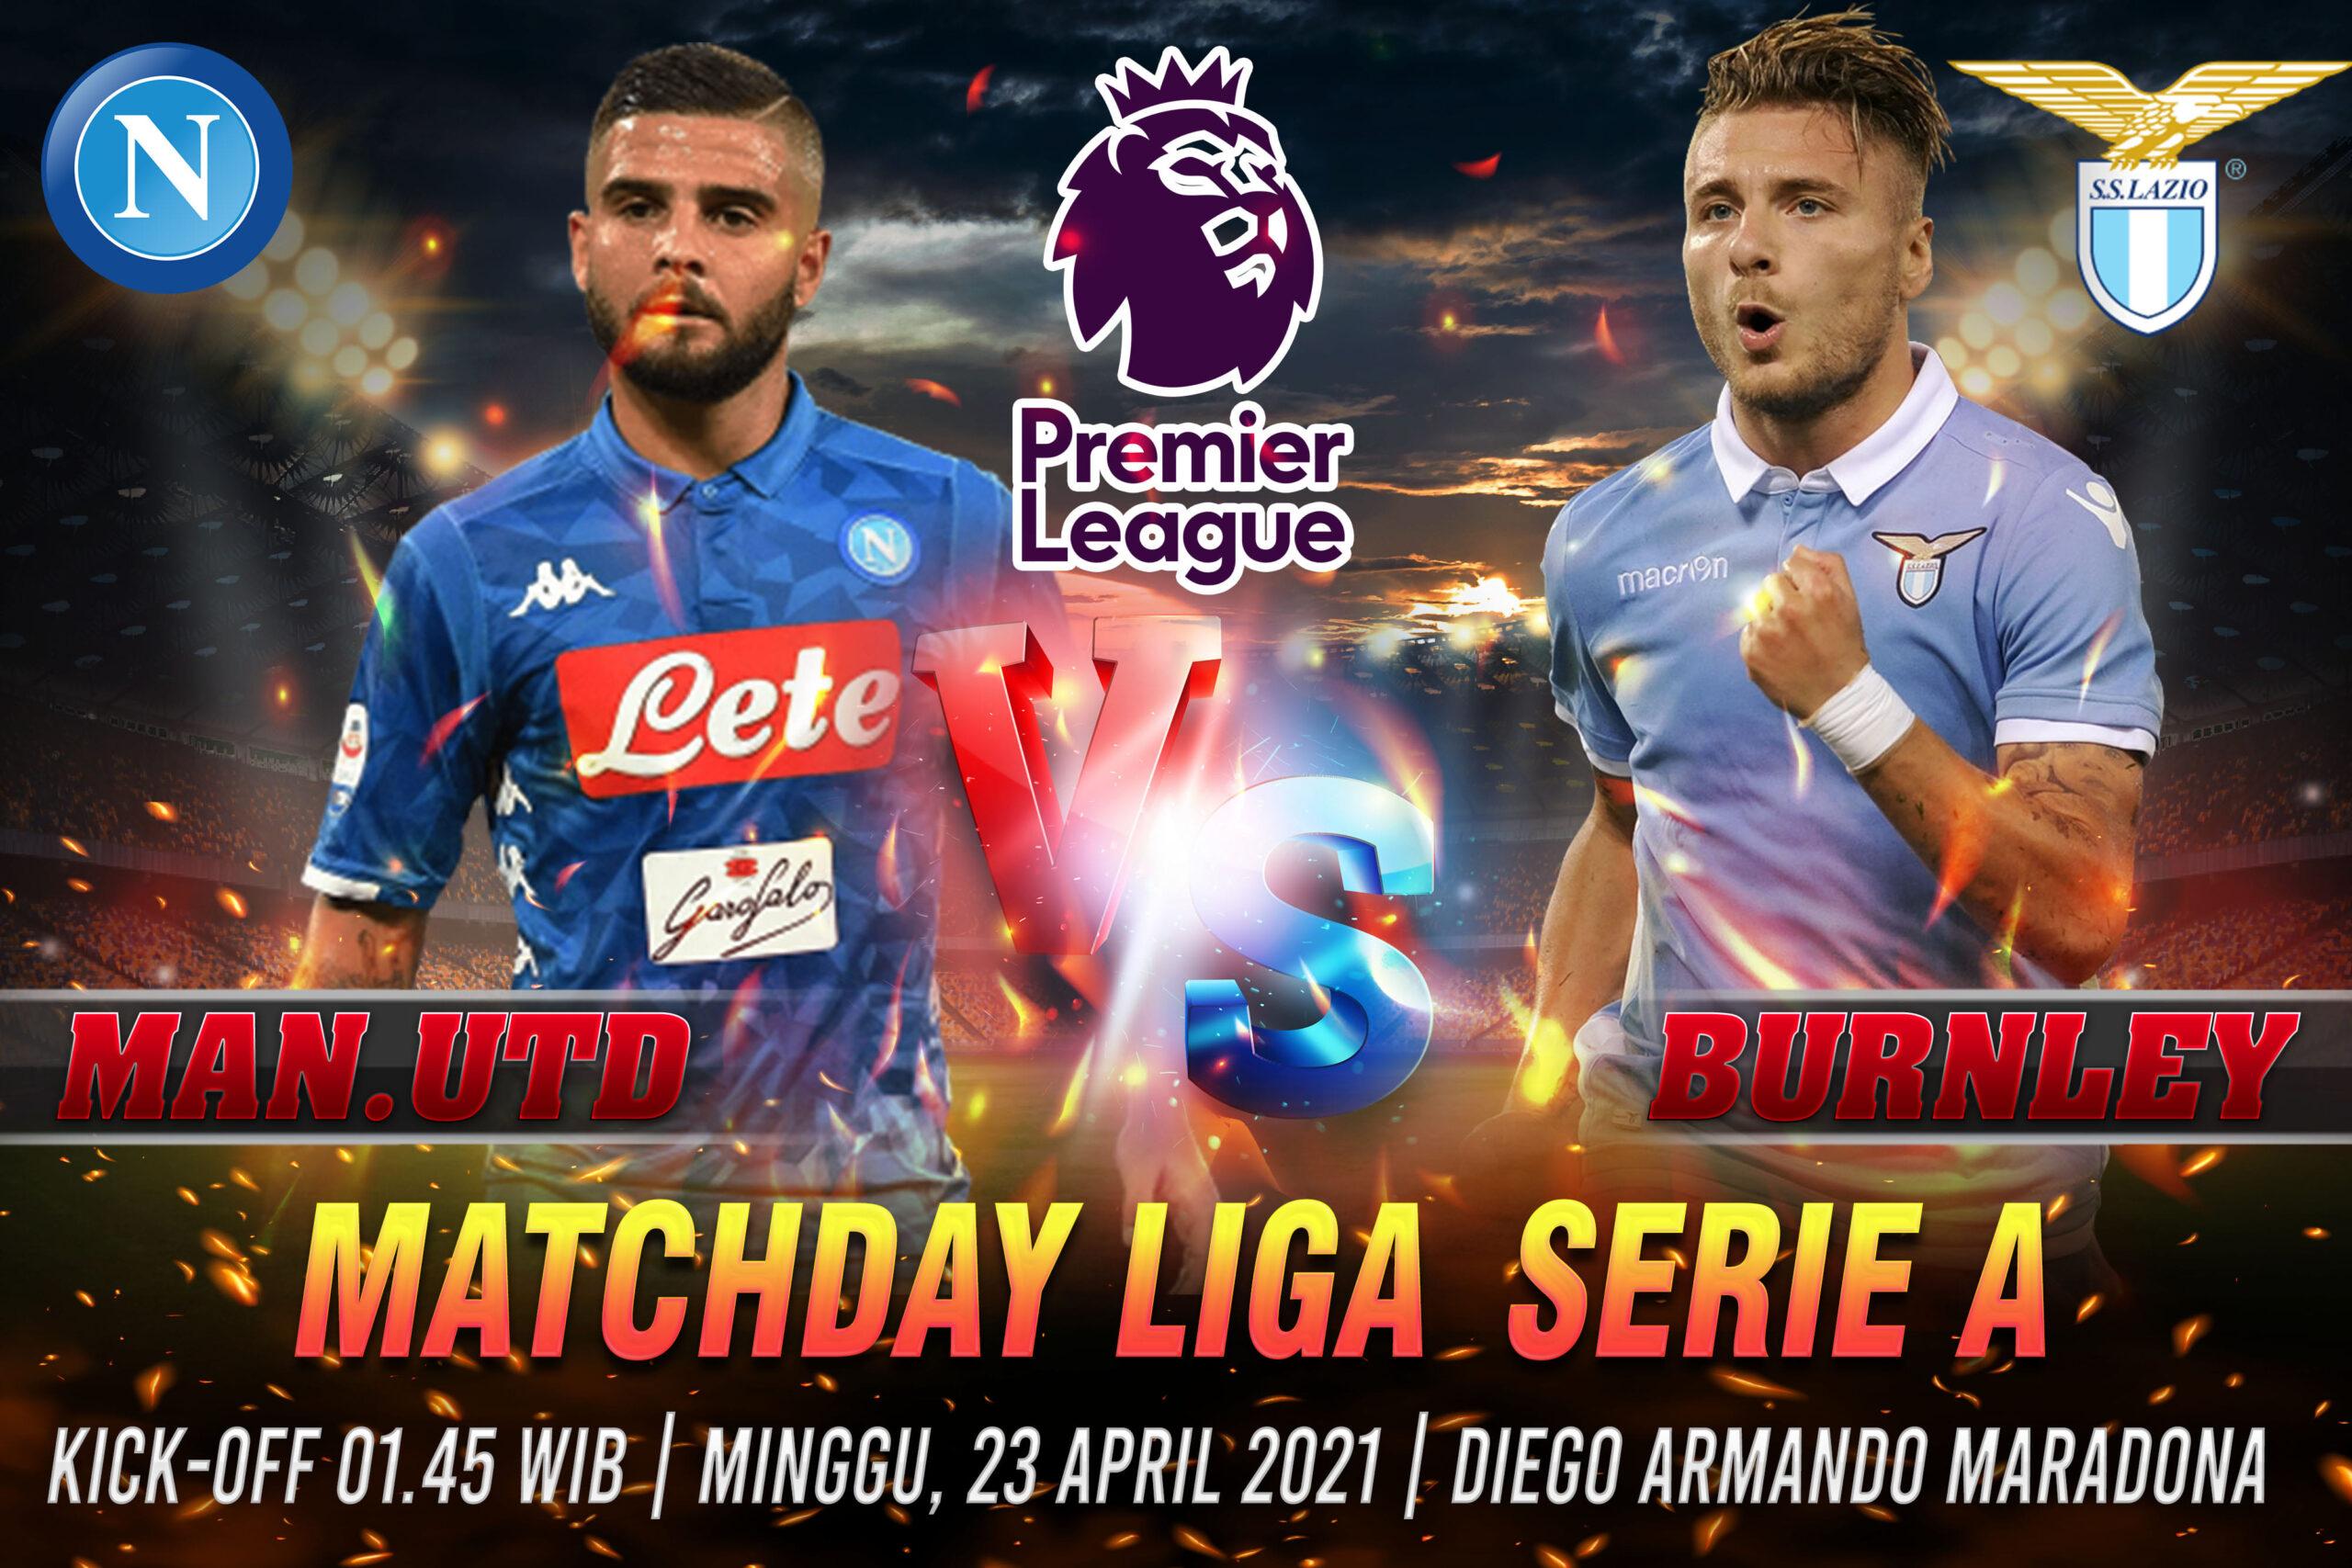 Prediksi Bola Liga Serie A Napoli vs Lazio 23 april 2021